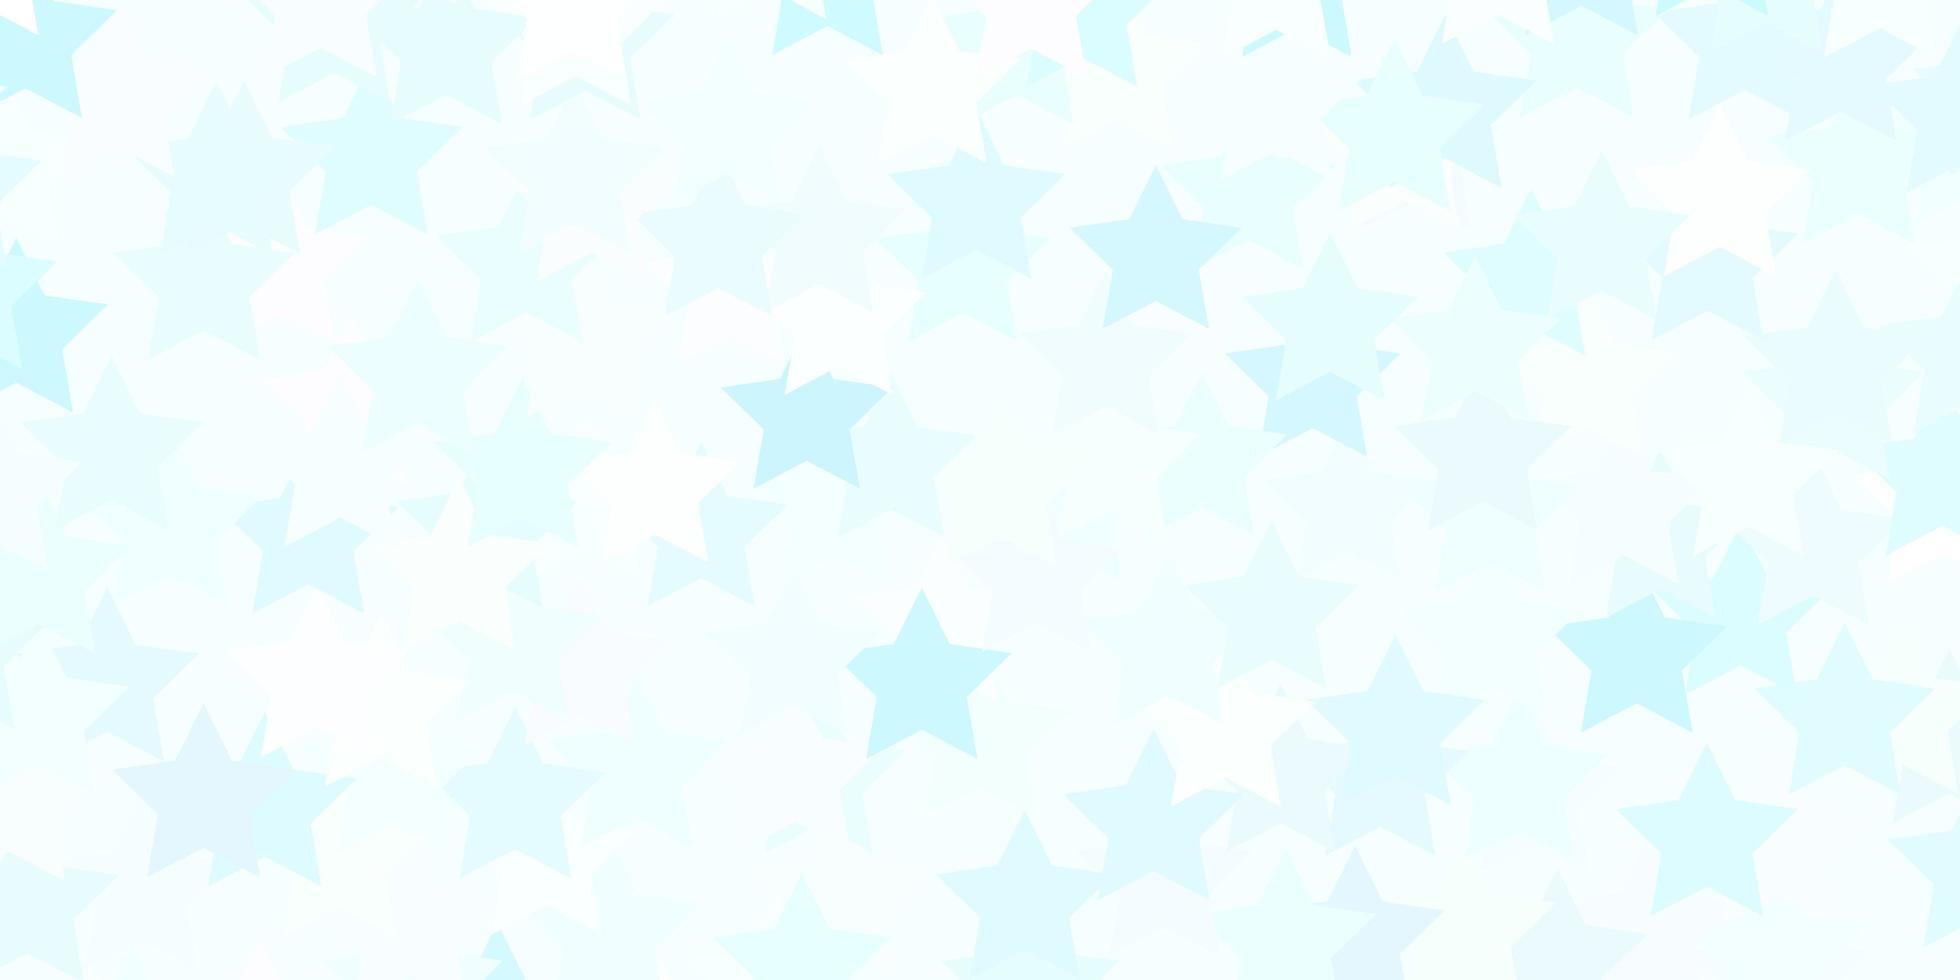 hellblaues Vektorlayout mit hellen Sternen. vektor